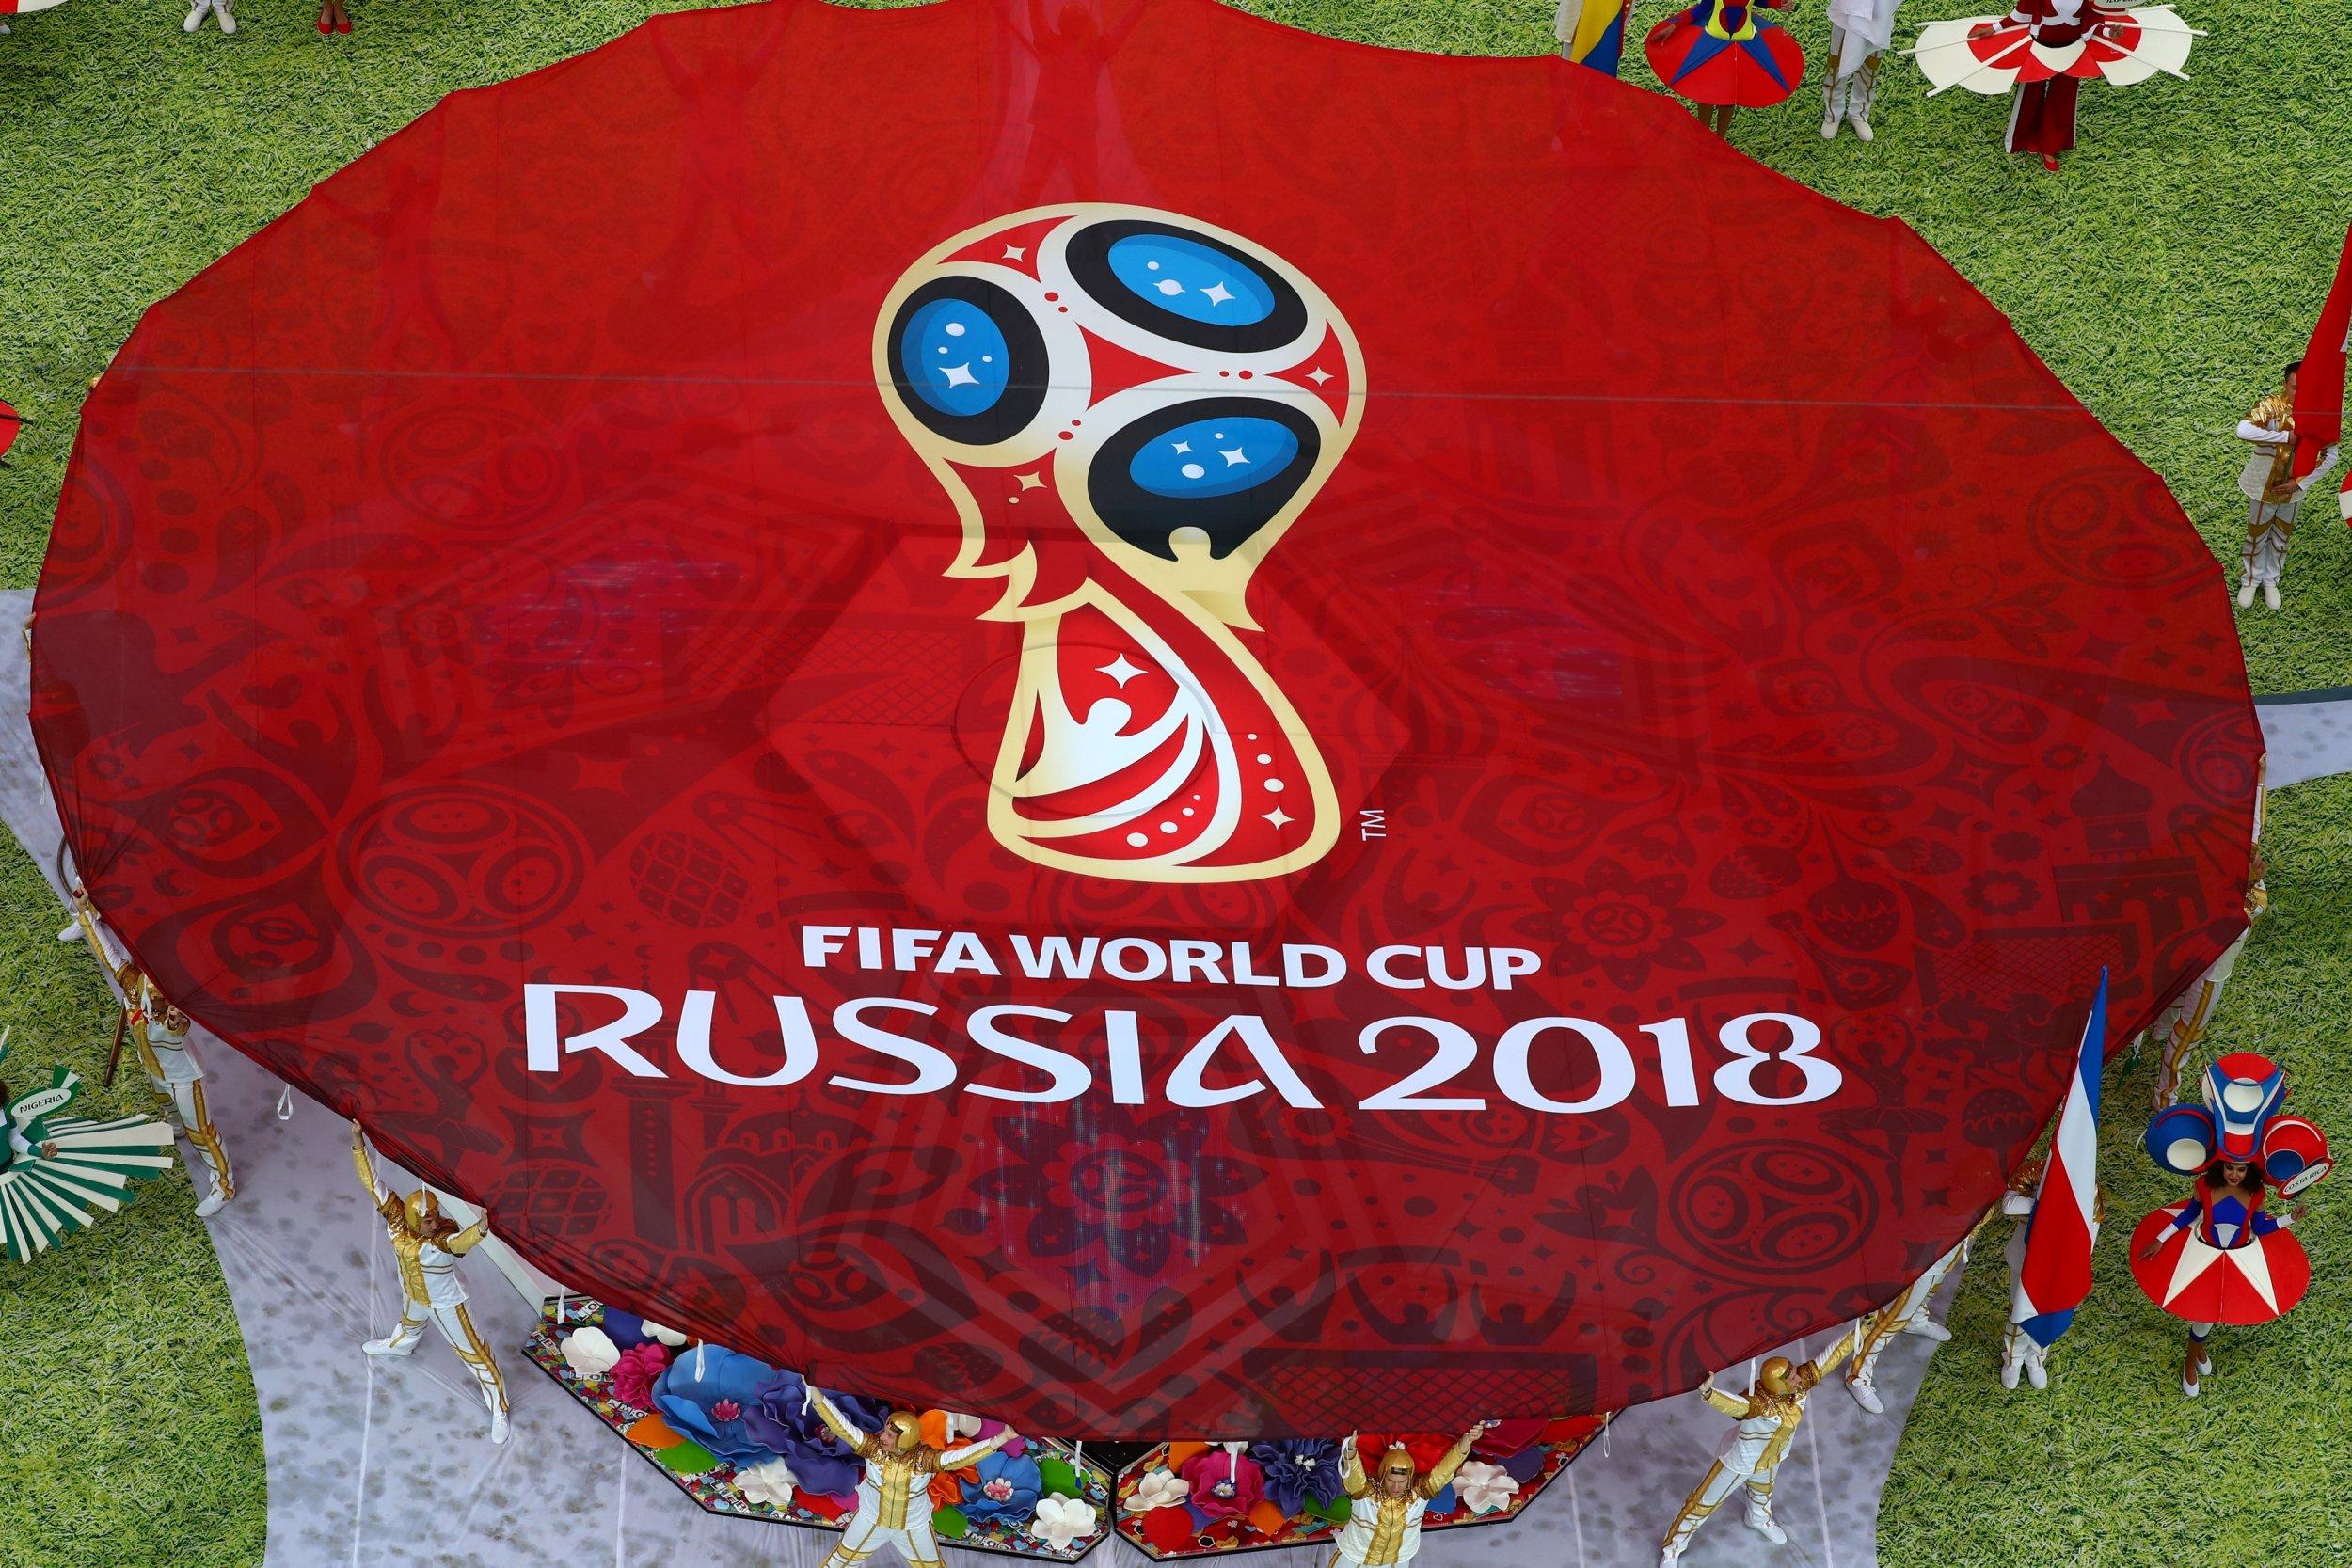 Copa Mundial Fifa en Rusia 2018 - 2500x1667